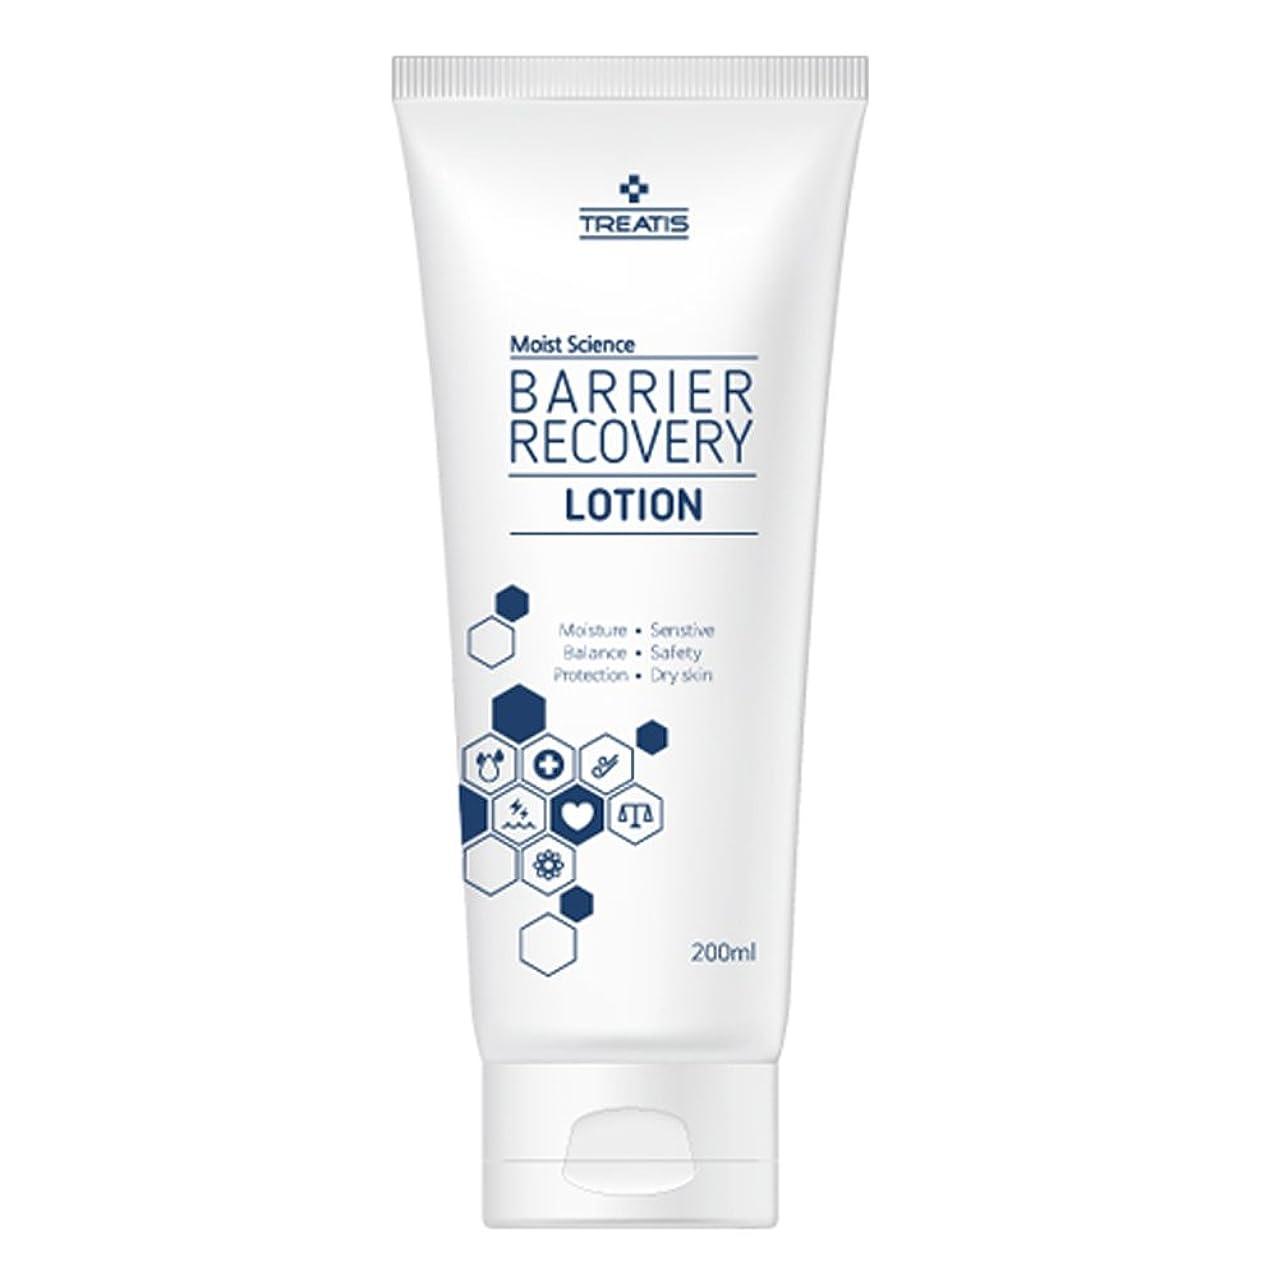 行商人アジア人コジオスコTreatis barrier recovery lotion 7oz (200ml)/Moisture, Senstive, Balance, Safty, Protection, Dry skin [並行輸入品]